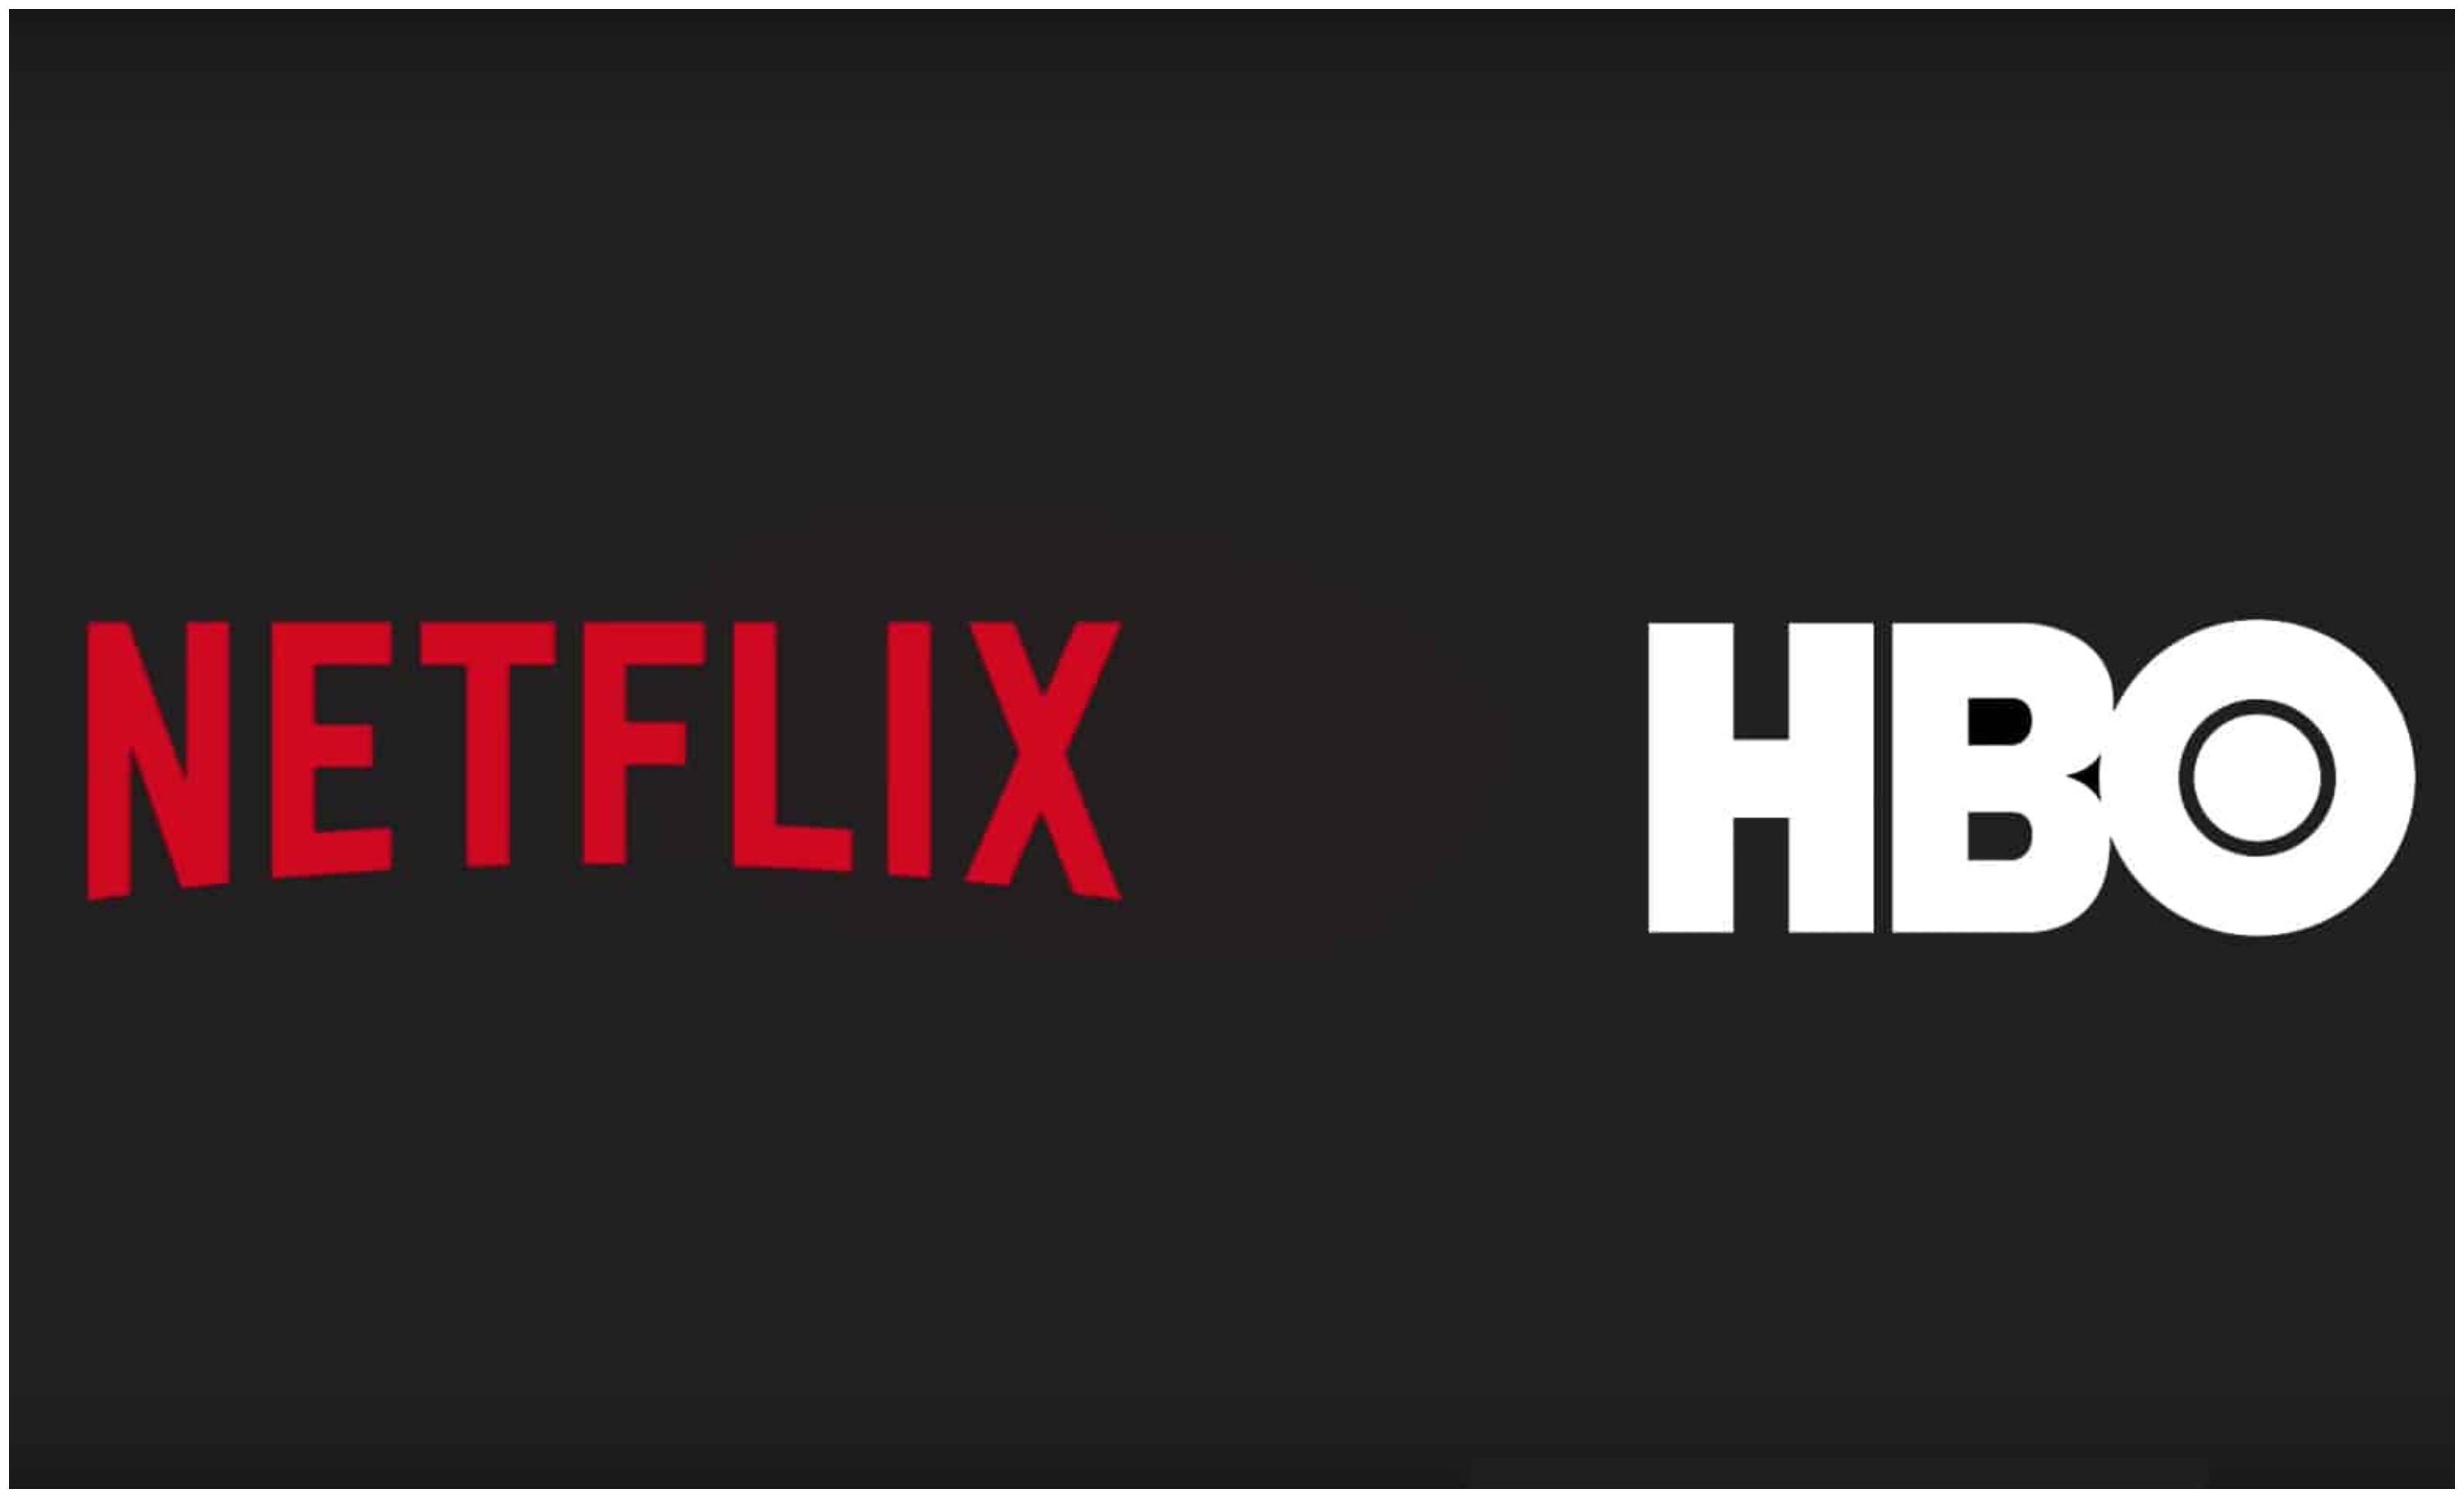 Progresismo liberticida: Netflix te dice lo que puedes decir y lo que puedes pensar